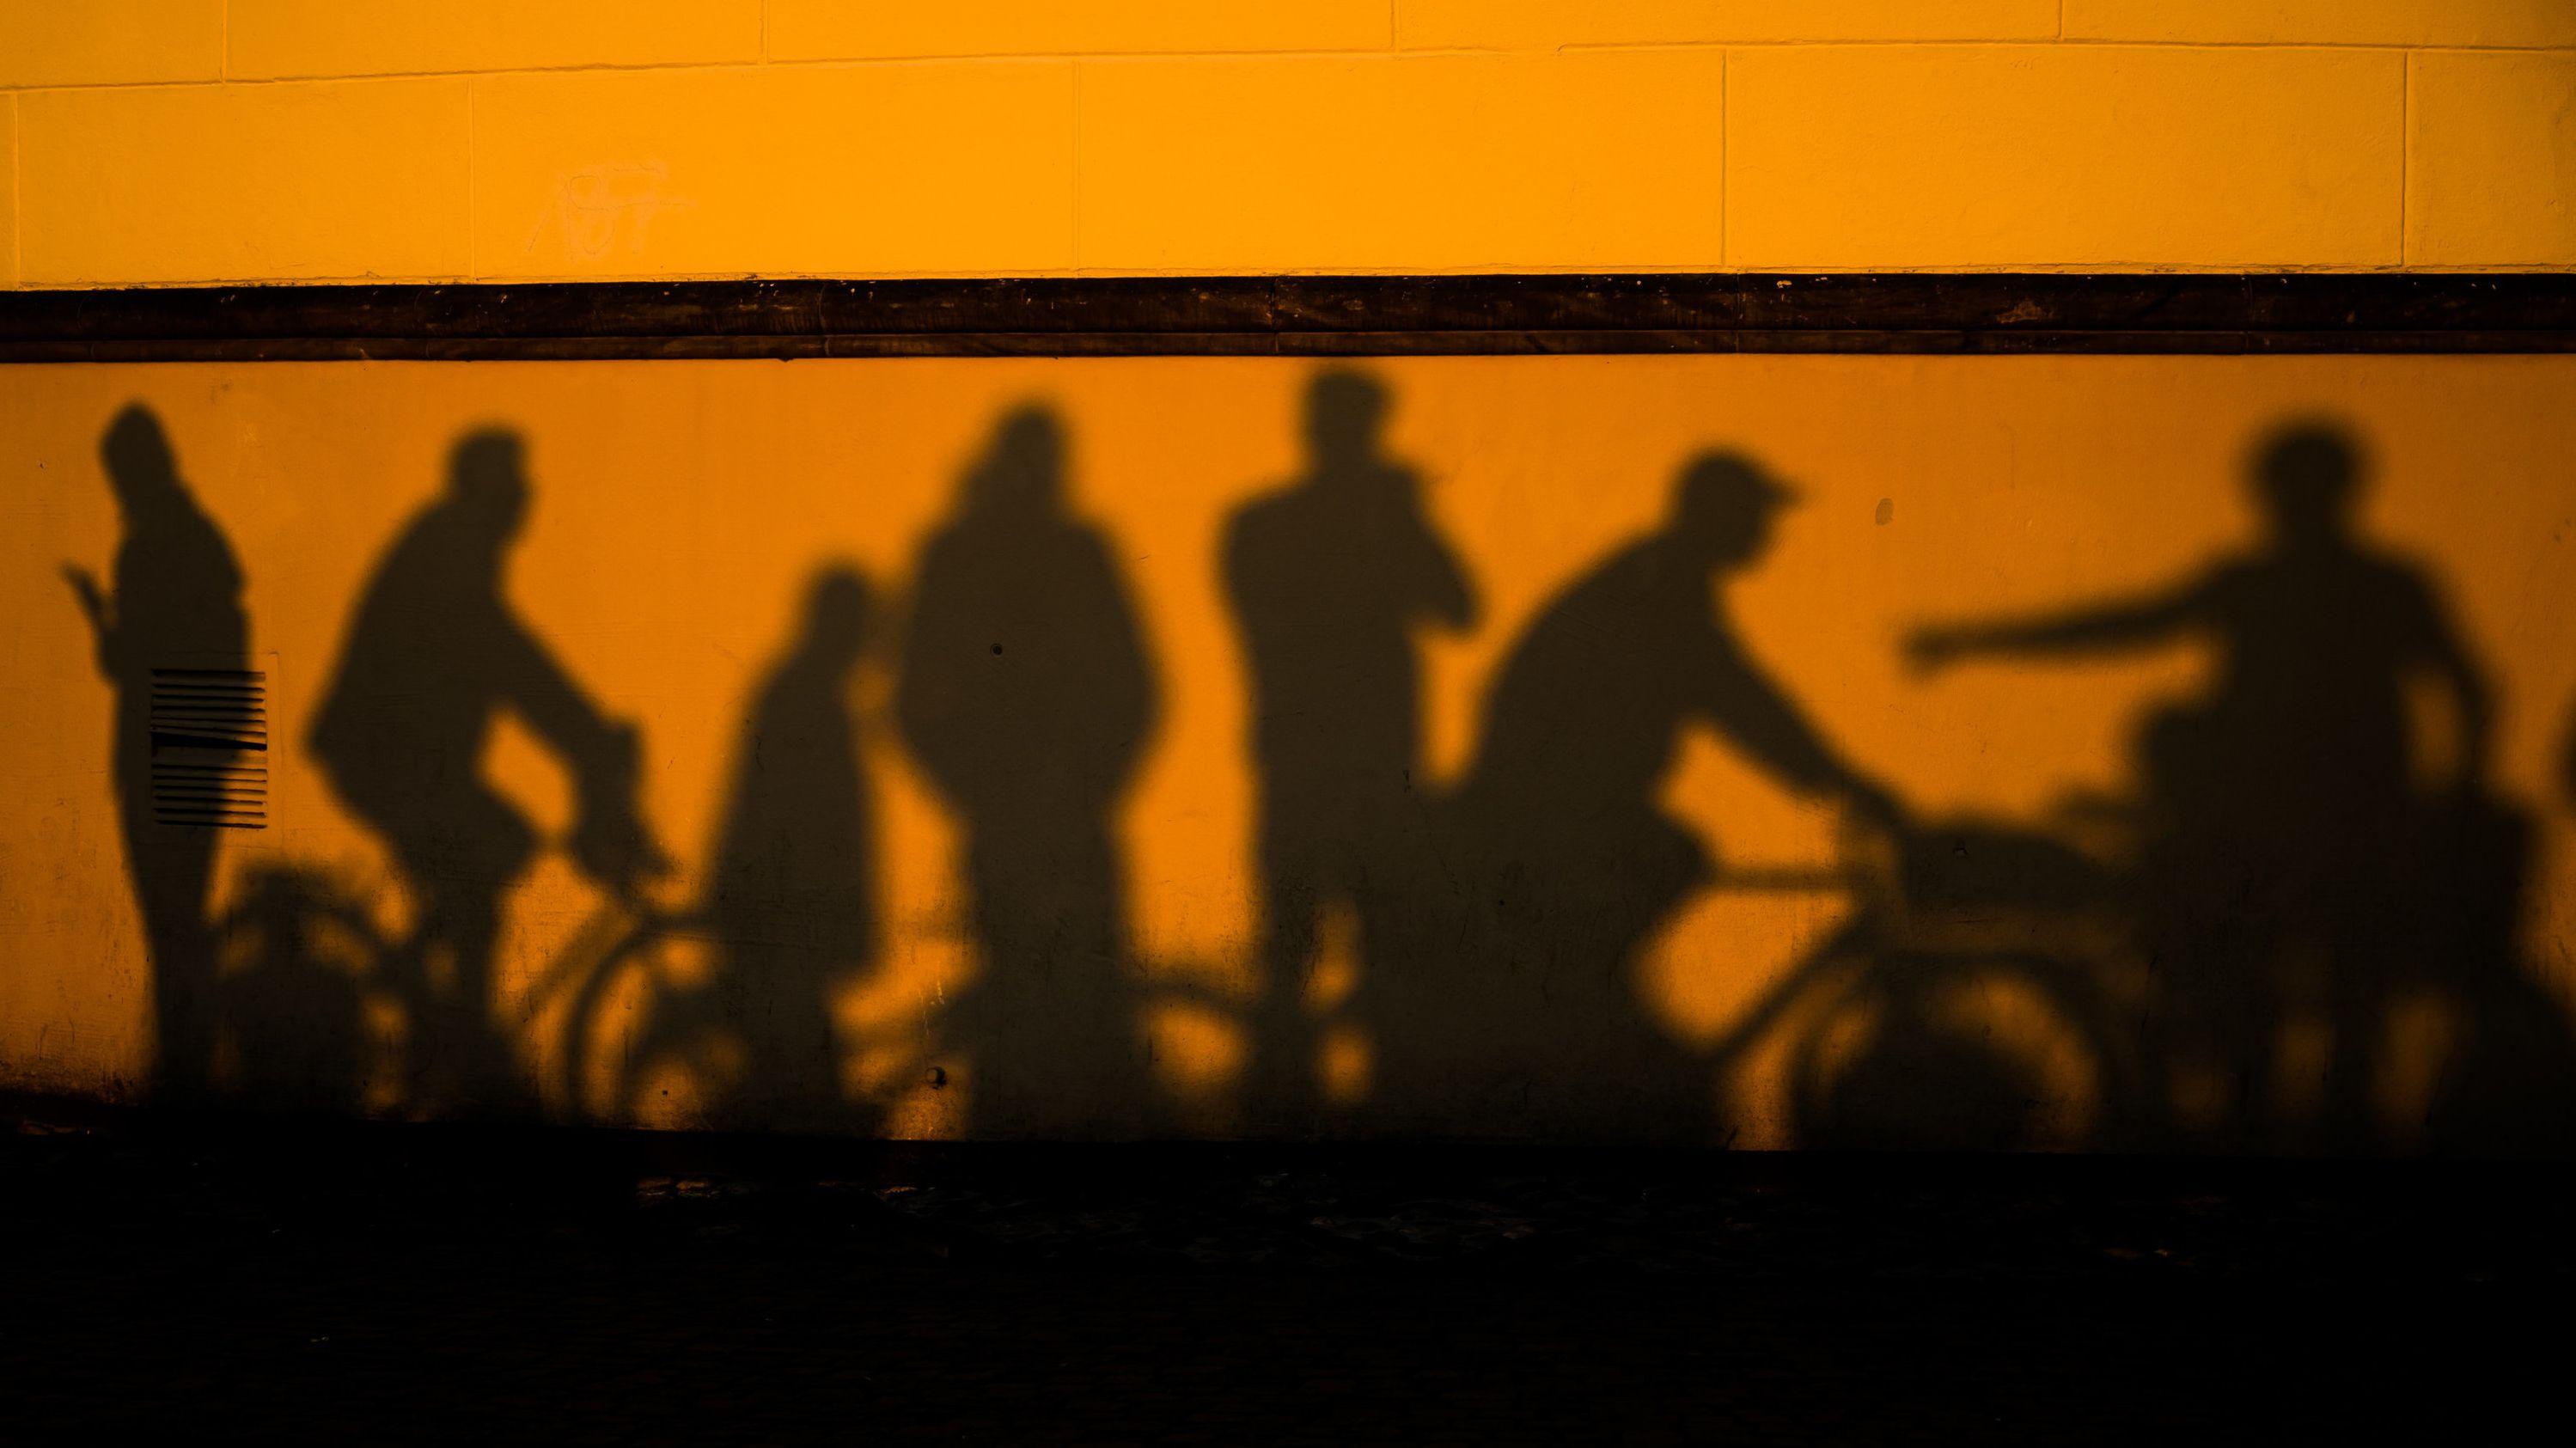 Deutschland bleibt attraktiv, aber die Zuwanderung nimmt ab